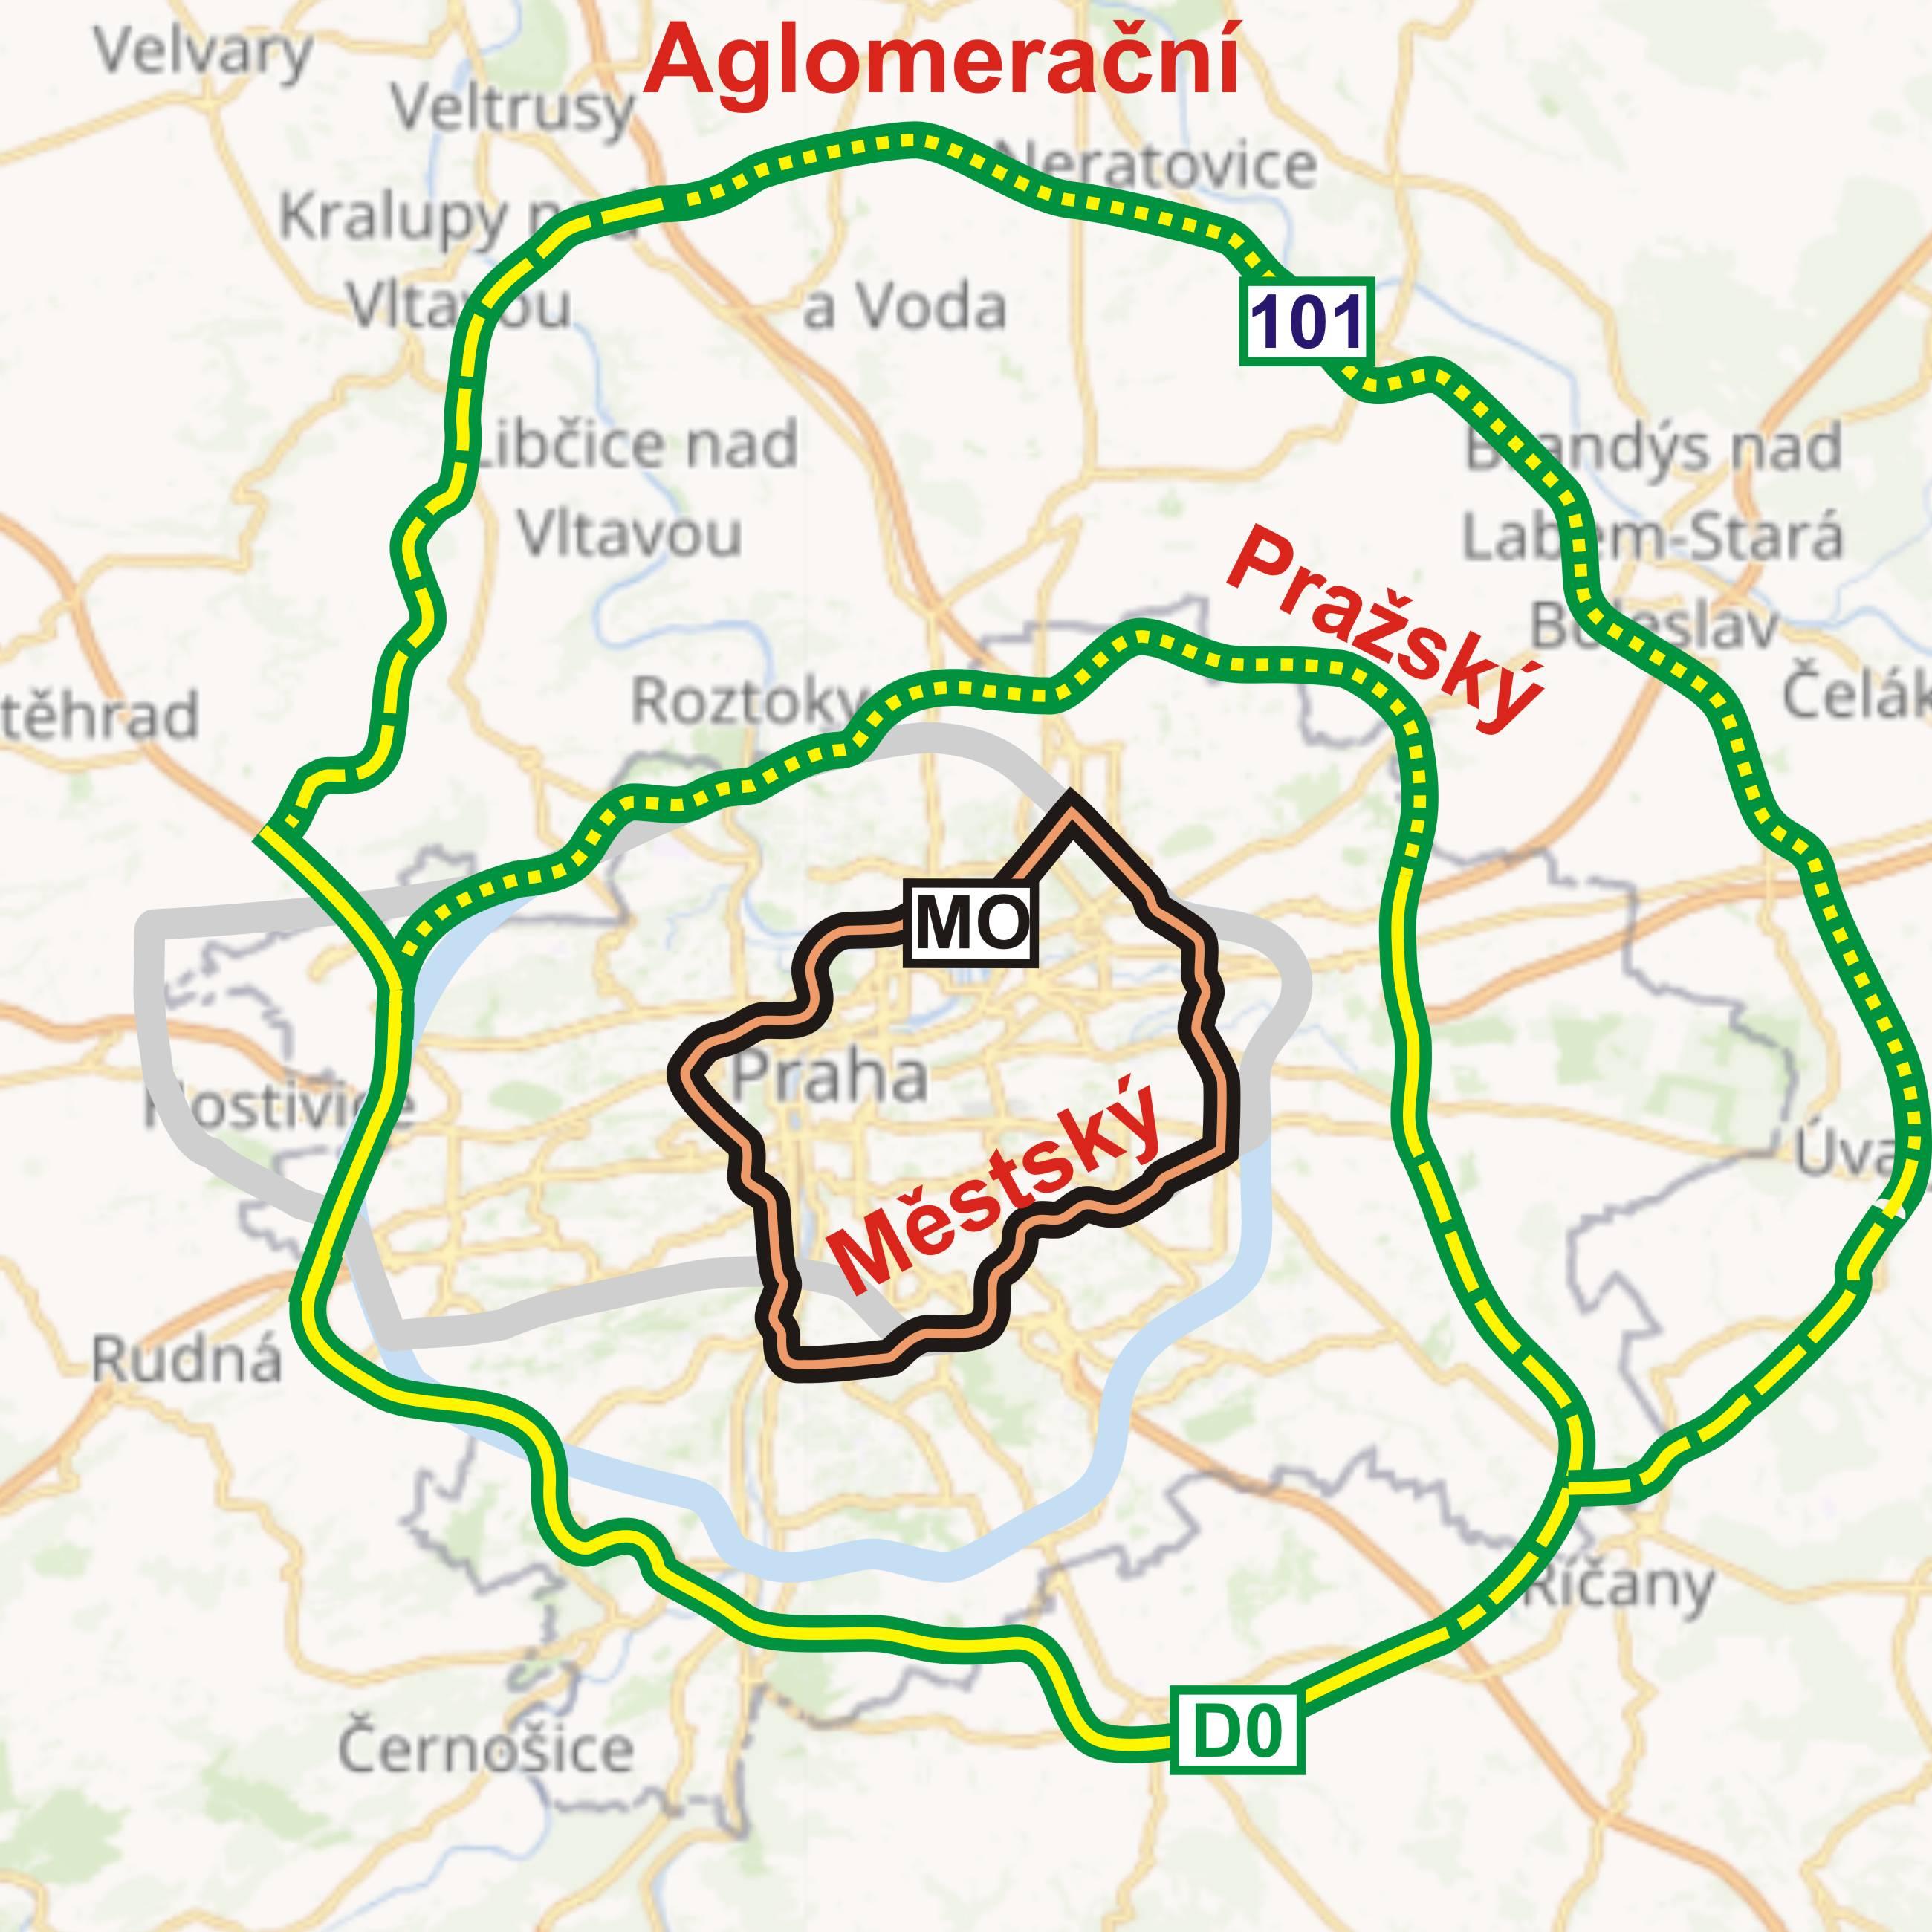 Aglomerační a Pražský okruh